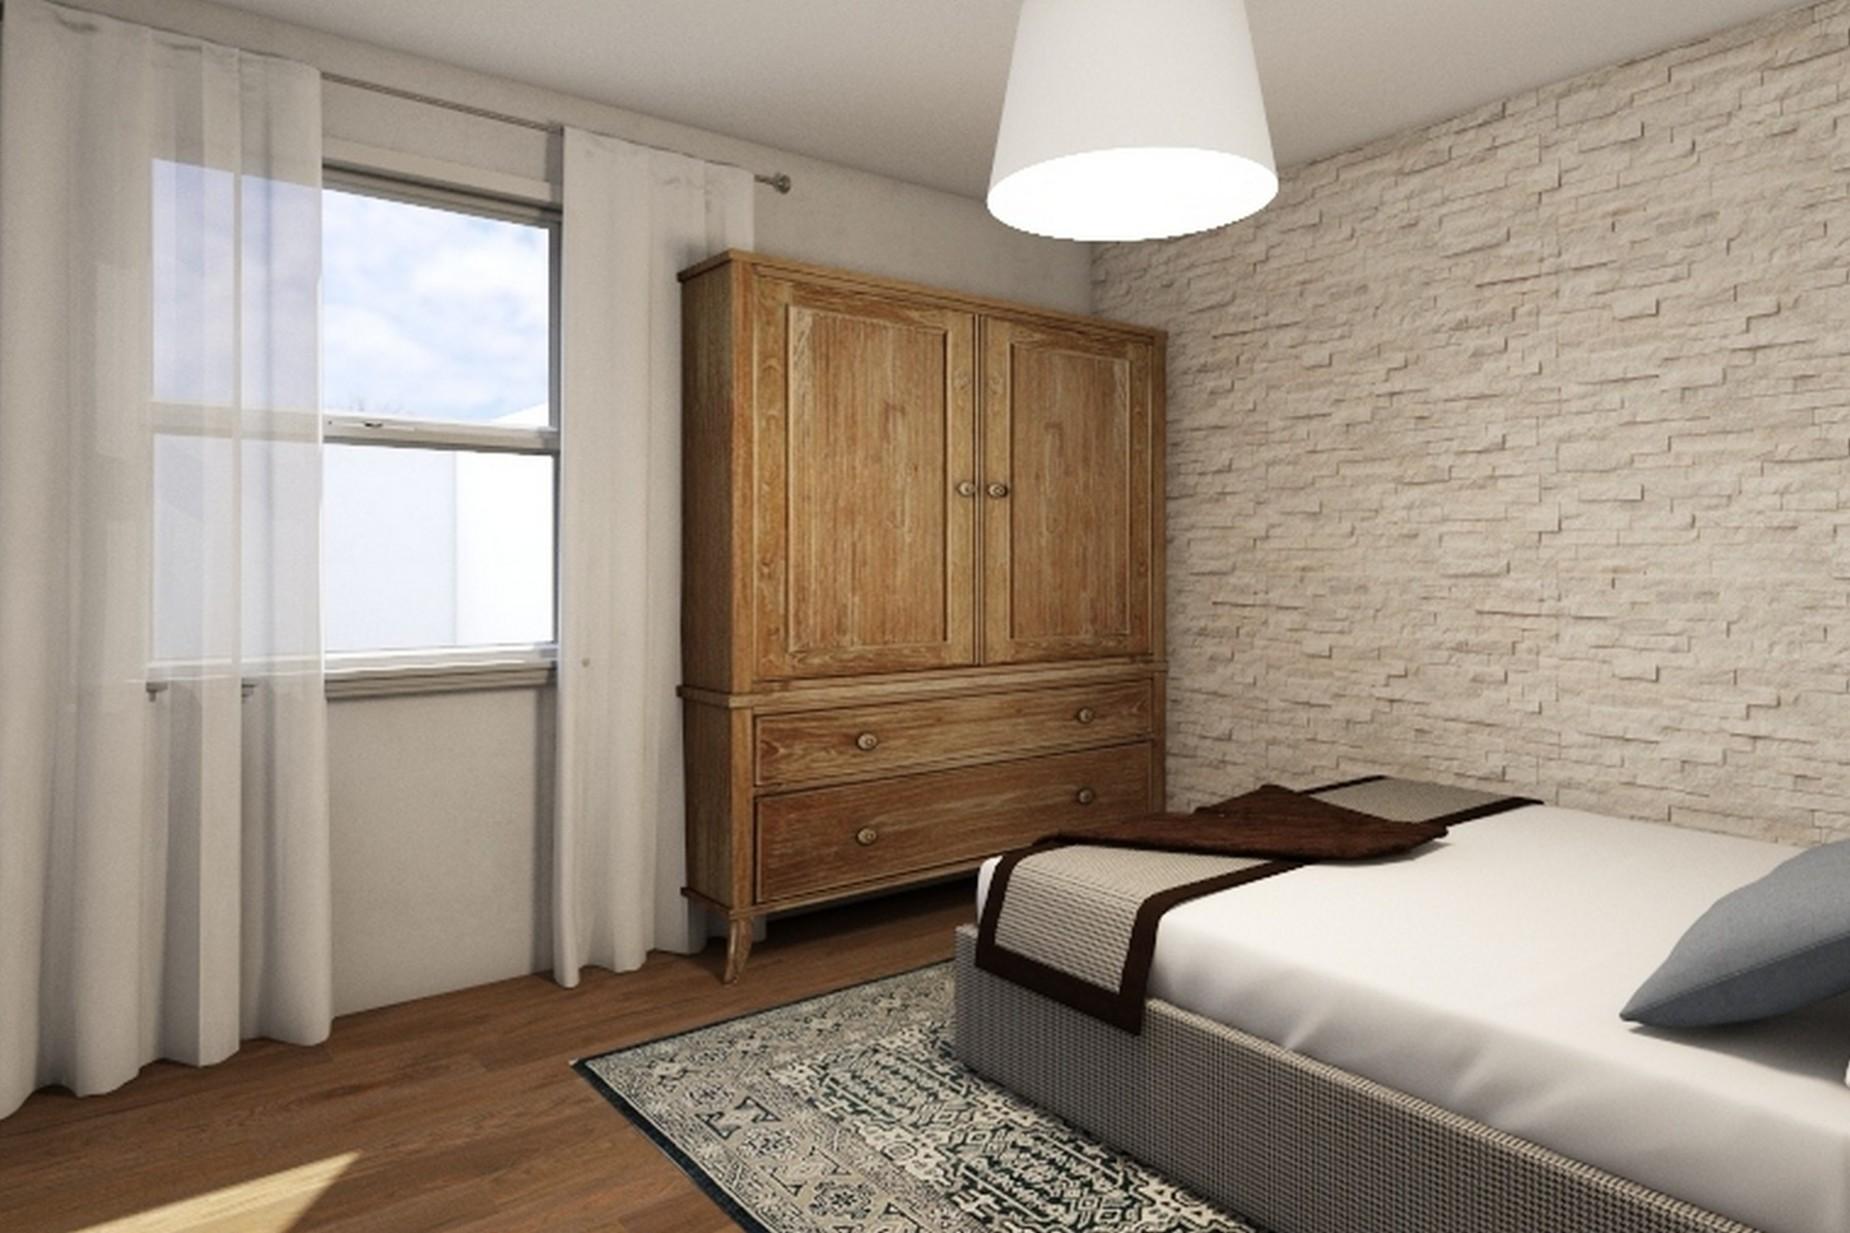 2 bed Apartment For Sale in Gzira, Gzira - thumb 5